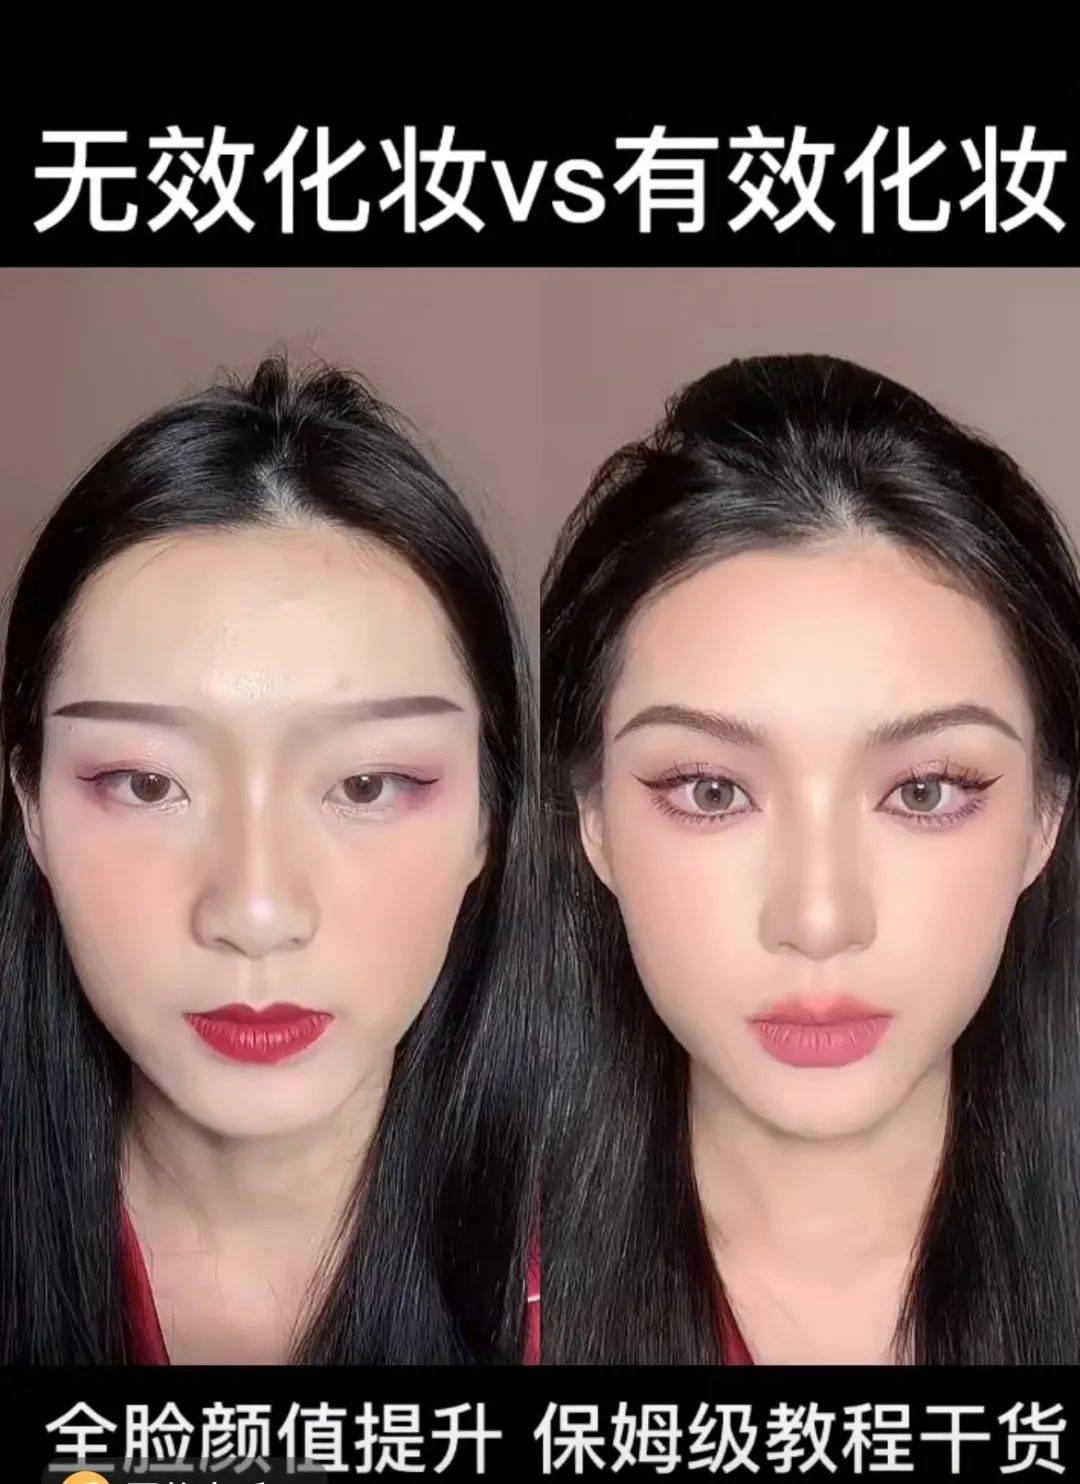 女人梦见自己化妆化不好 女人梦见化妆品